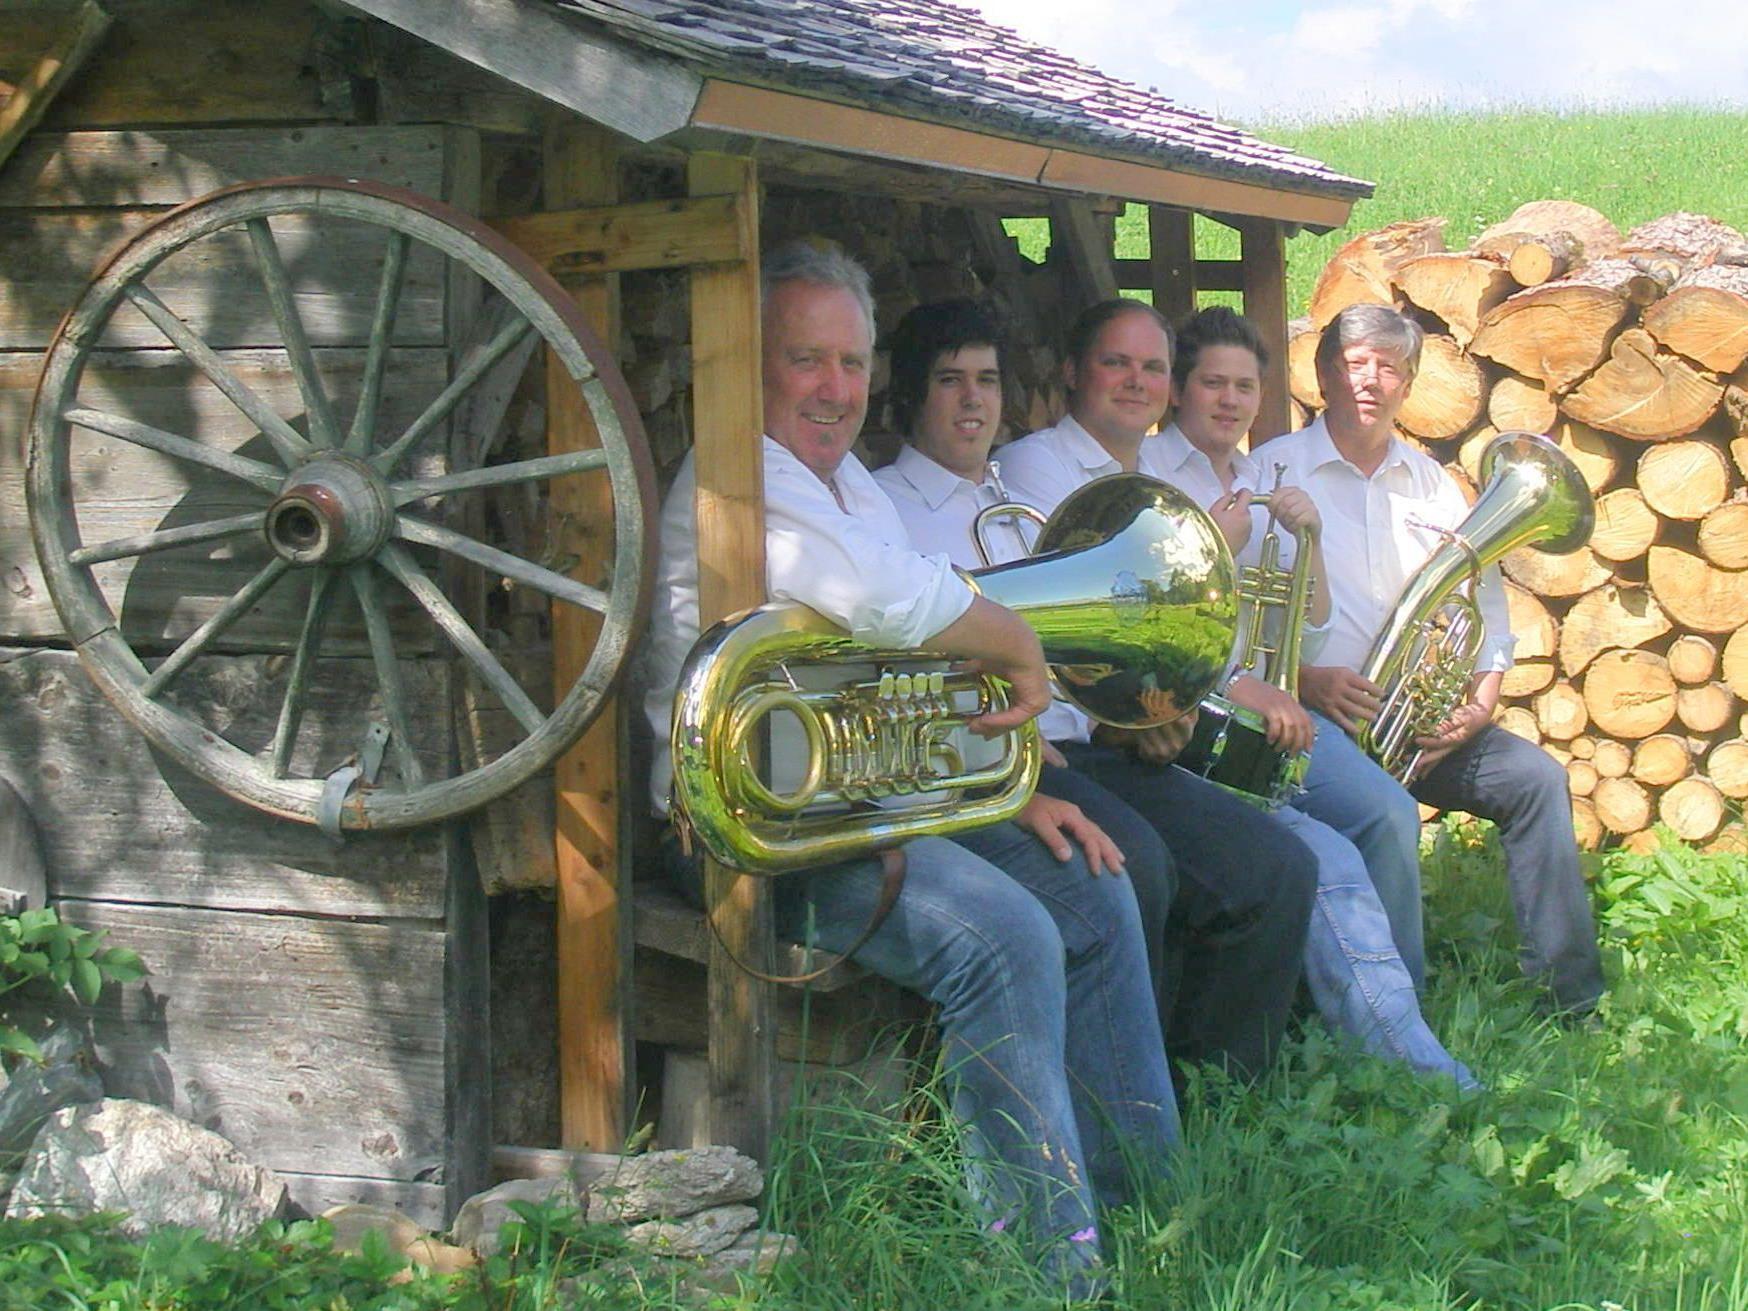 vlnr.: Konrad Fritsche, Pascal Jenny, Lukas Huemer, Roché Jenny, Walter Jenny.